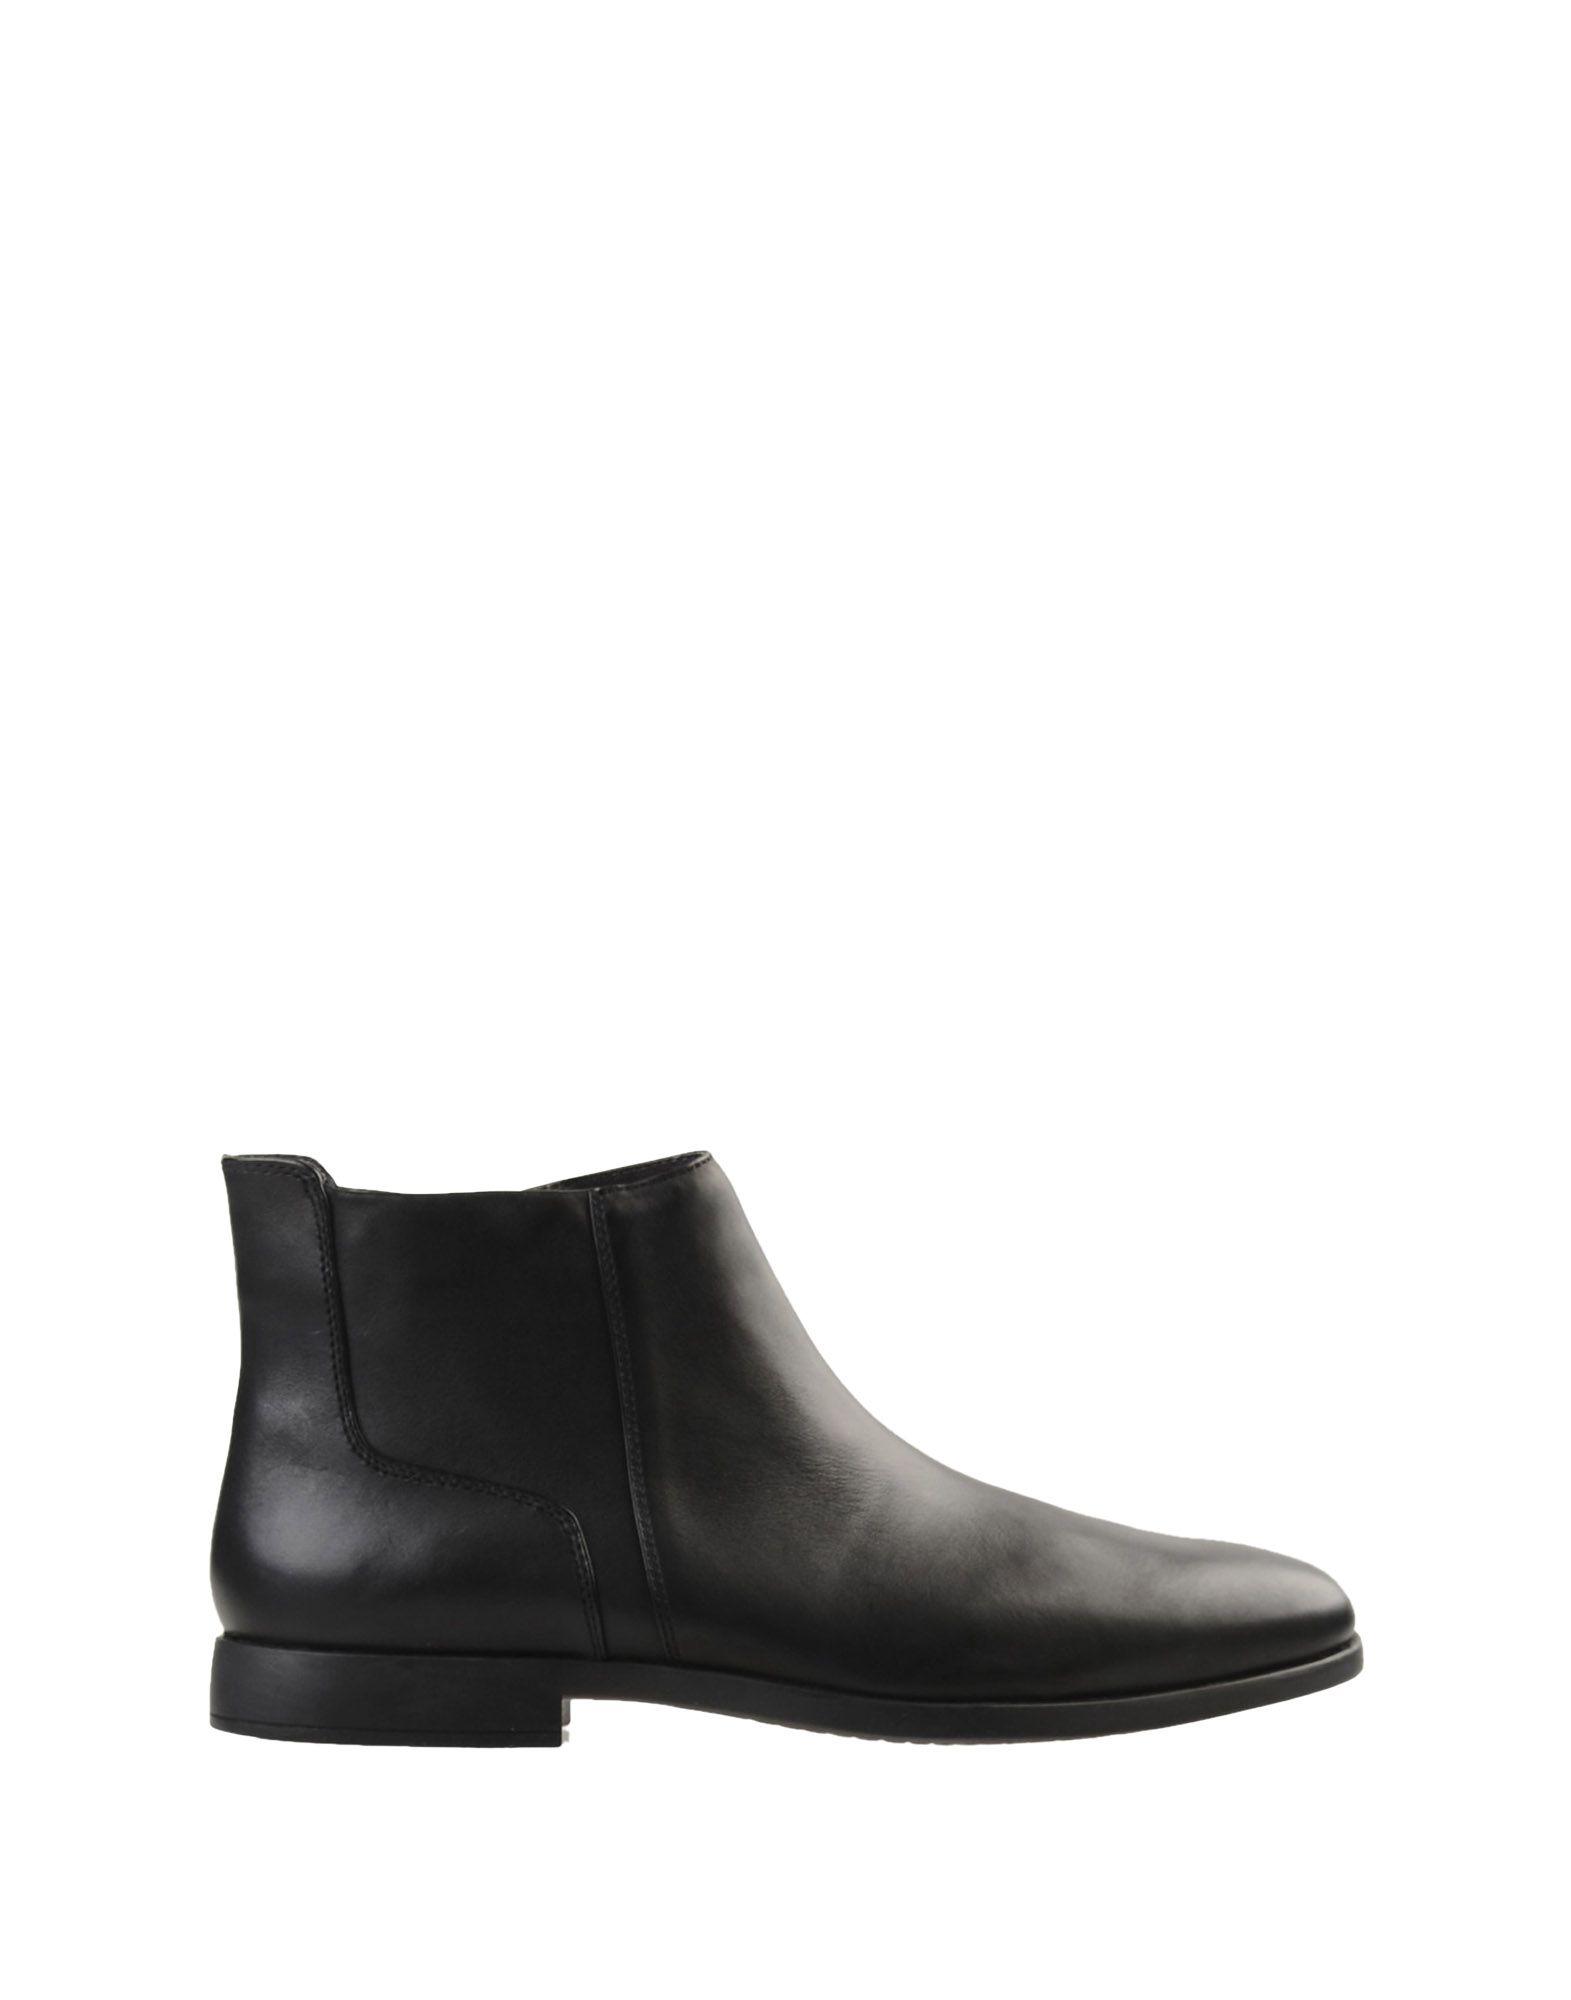 Camper Boots Boots Boots - Men Camper Boots online on  United Kingdom - 11574505OM 24cb30